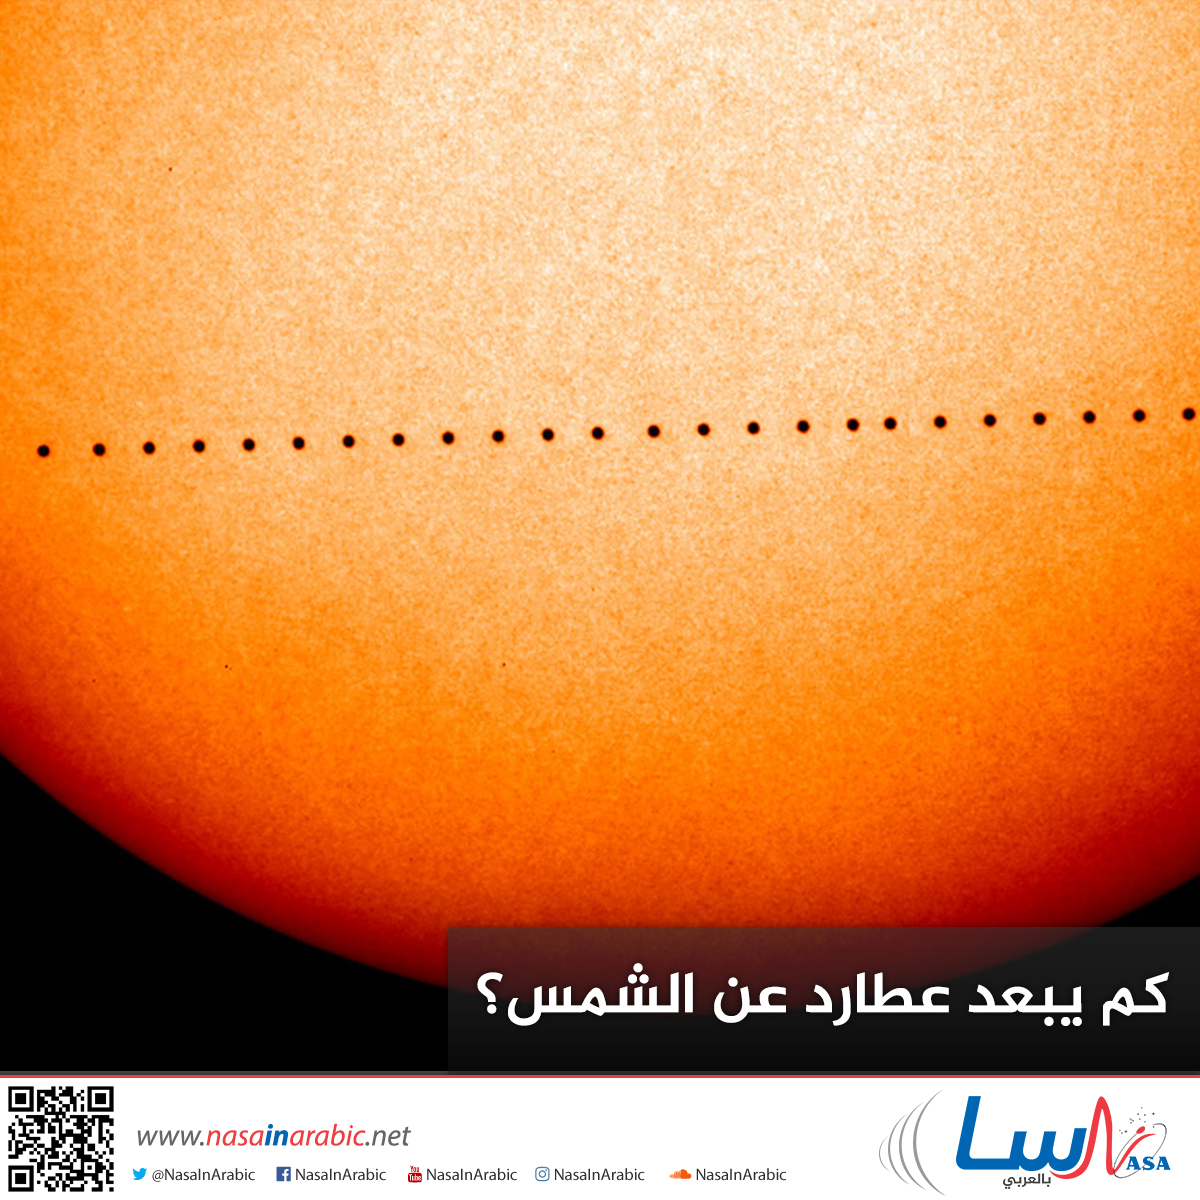 كم يبعد عطارد عن الشمس؟